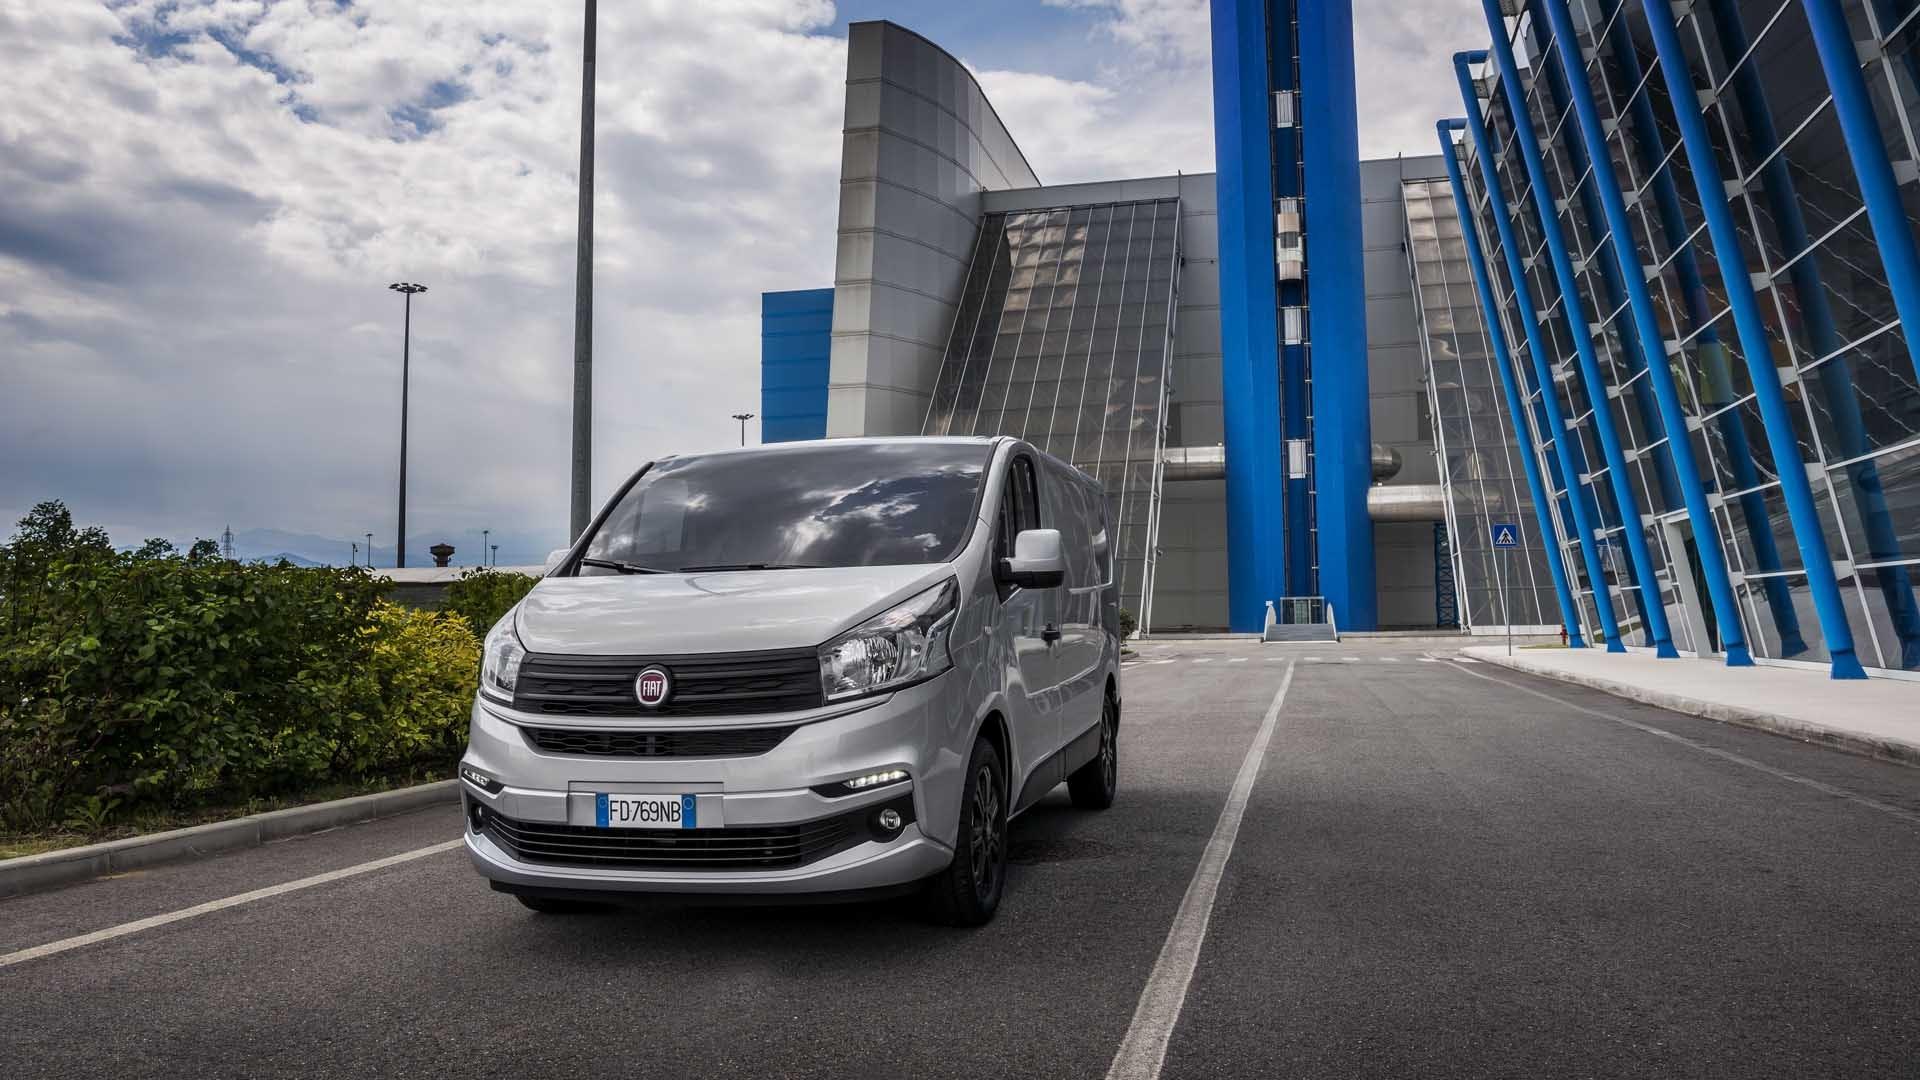 Fiat Talento front grå dynamisk